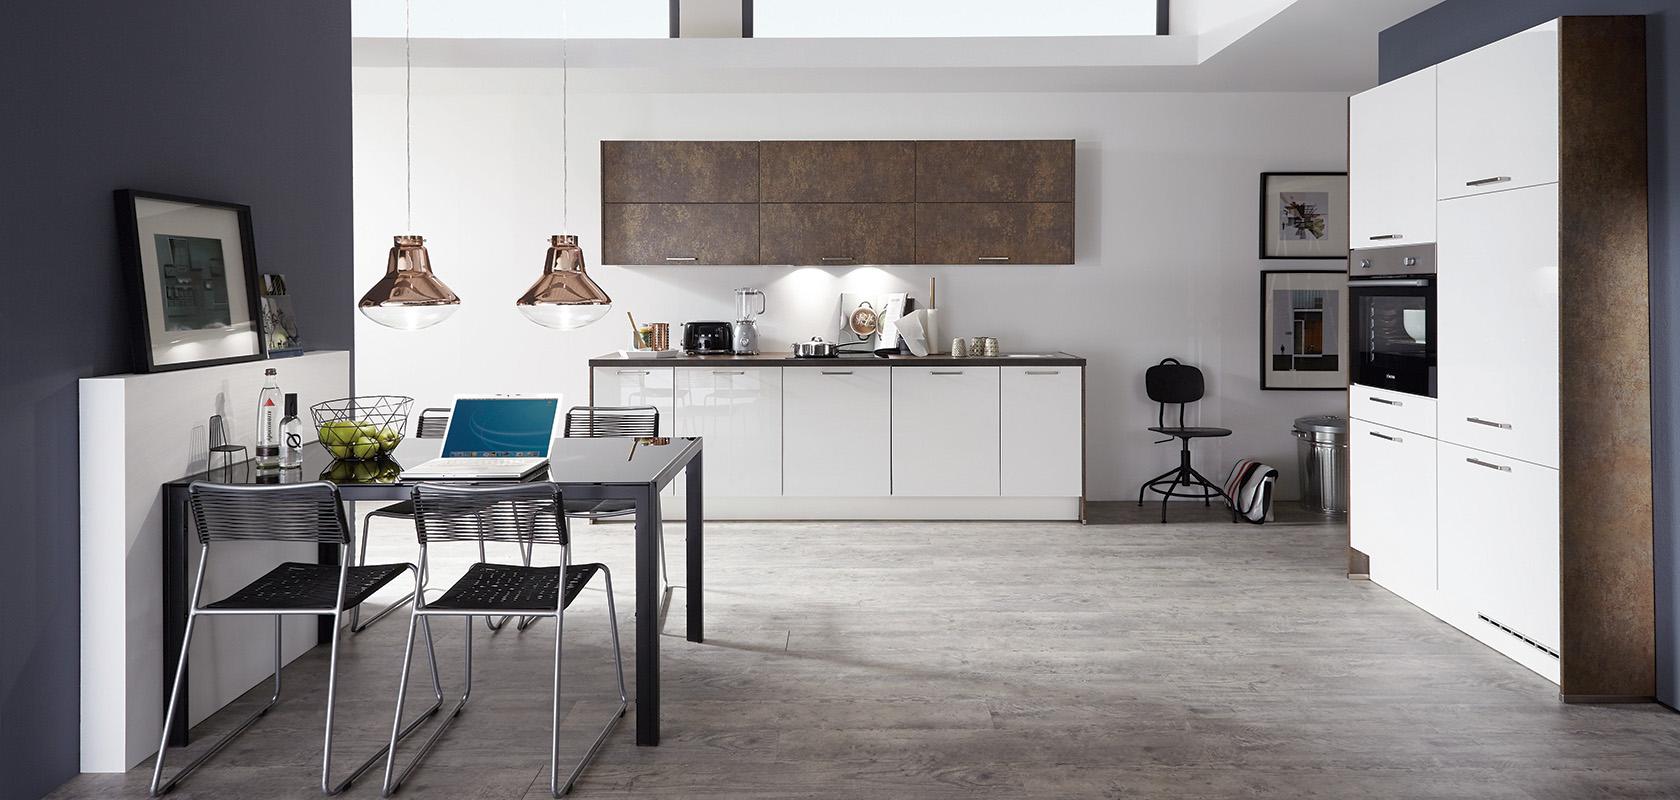 Kuchenstudio Janthur Materialien Und Pflegetipps Fur Kuchenfronten